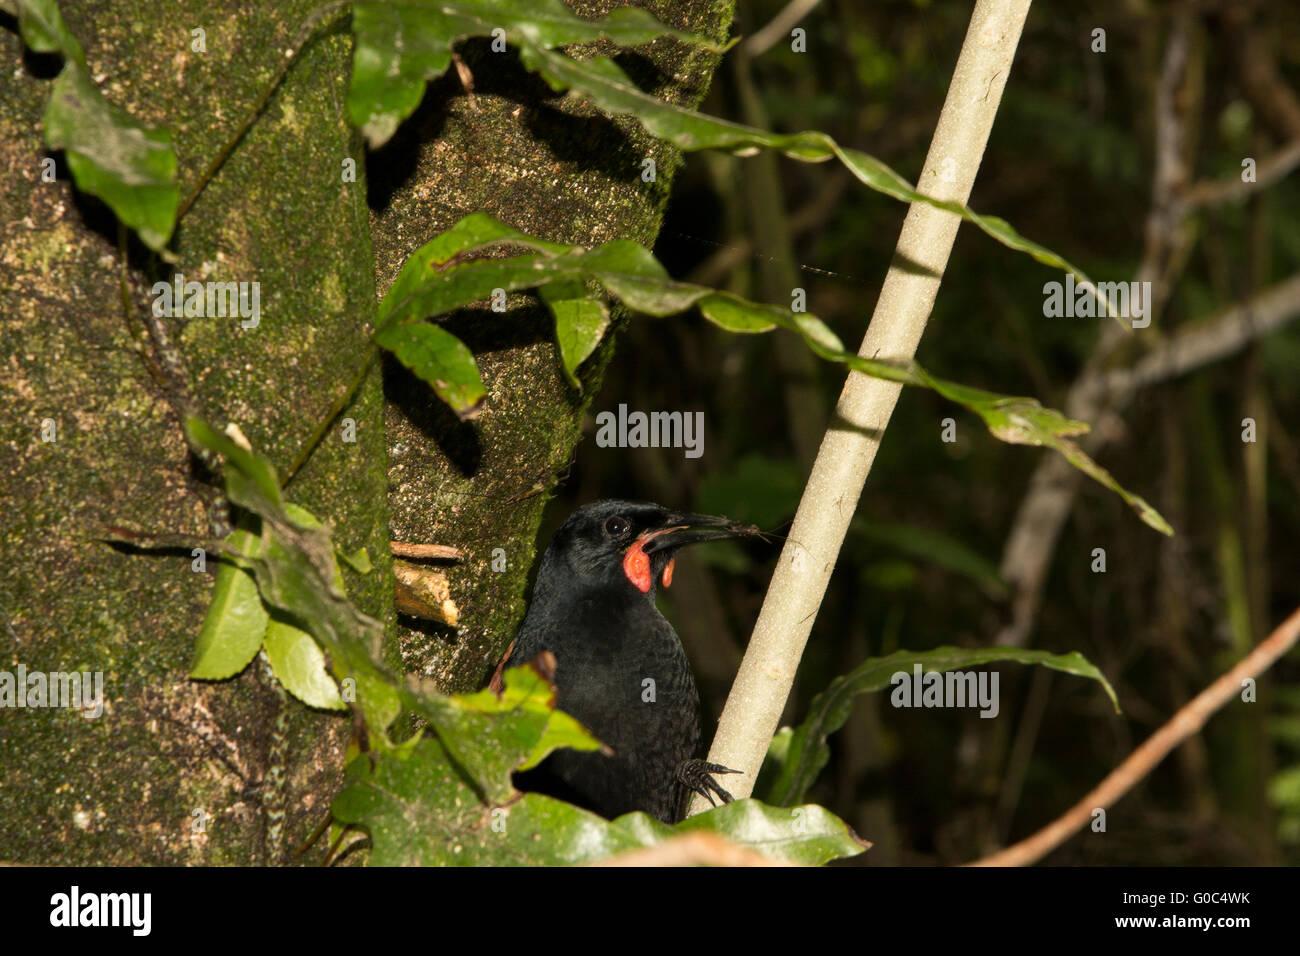 La Isla Norte es un wattlebird saddleback en el grupo de aves paseriformes y es endémico de Nueva Zelanda. Foto de stock